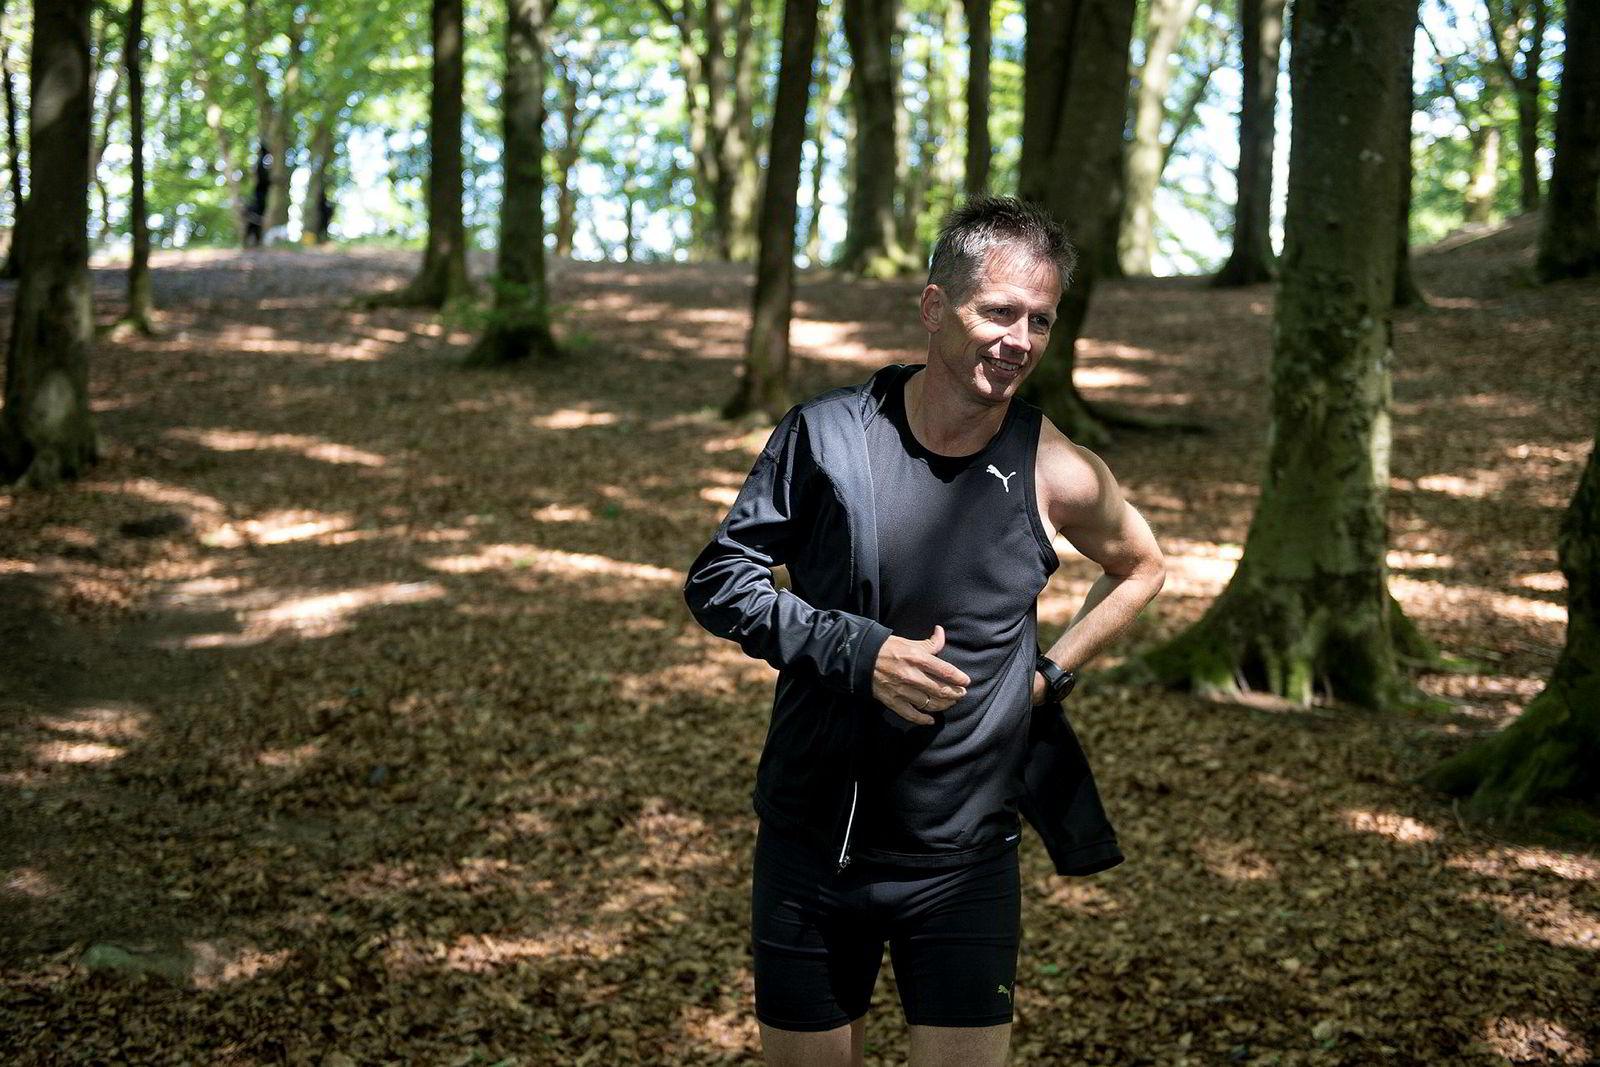 Bakken inspirerte til bakketrening. – Jeg fulgte Marius Bakkens maratontreningsprogram, der det ble lagt vekt på såkalte «smart strides». Disse dragene har i alle fall hjulpet meg veldig i forhold til løpingen, sier Tore Knudsen.